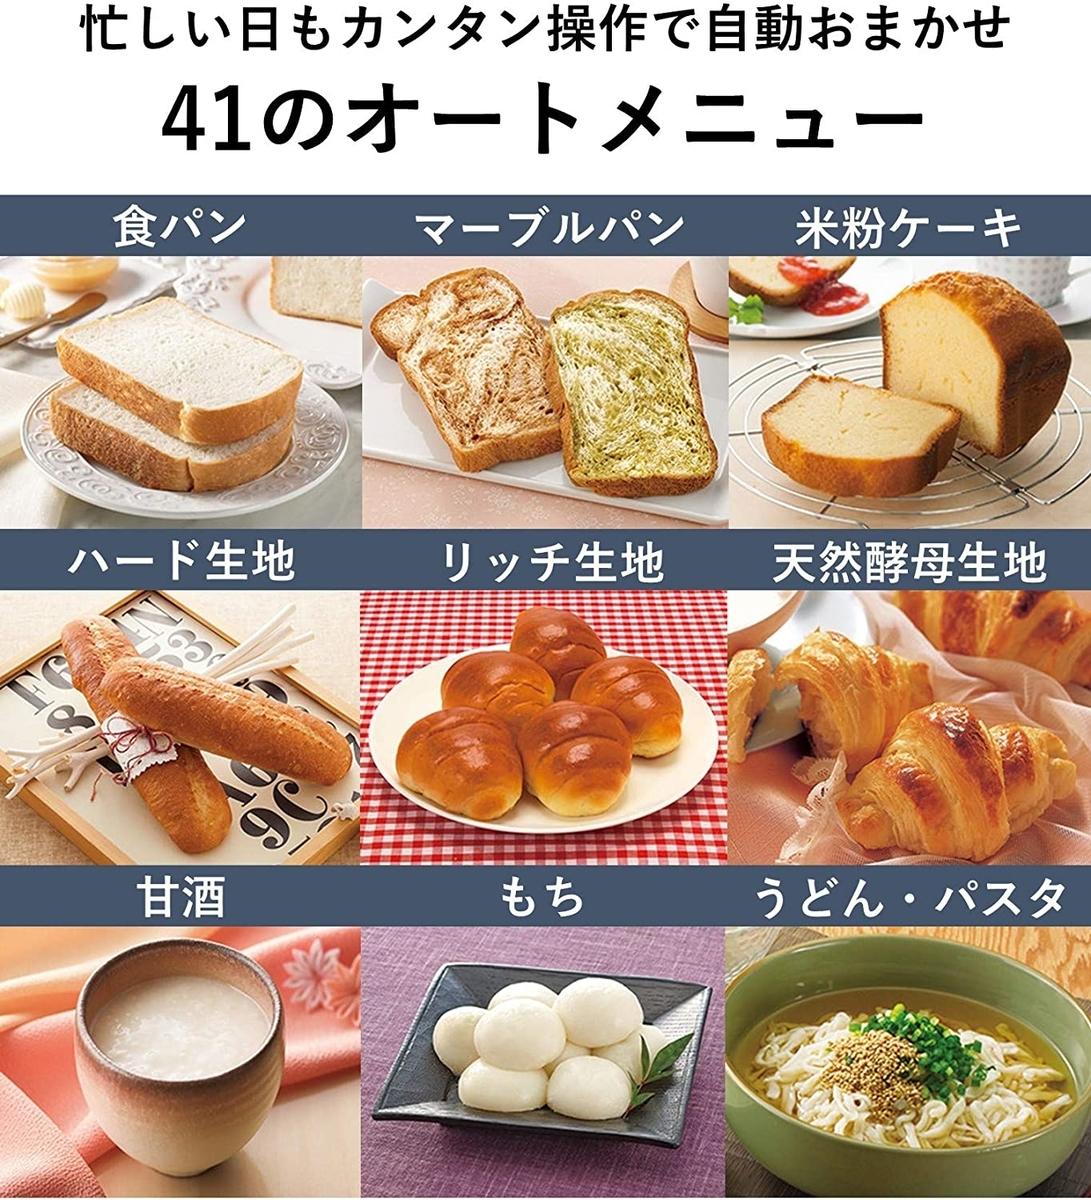 f:id:haruki8282:20210105130407j:plain